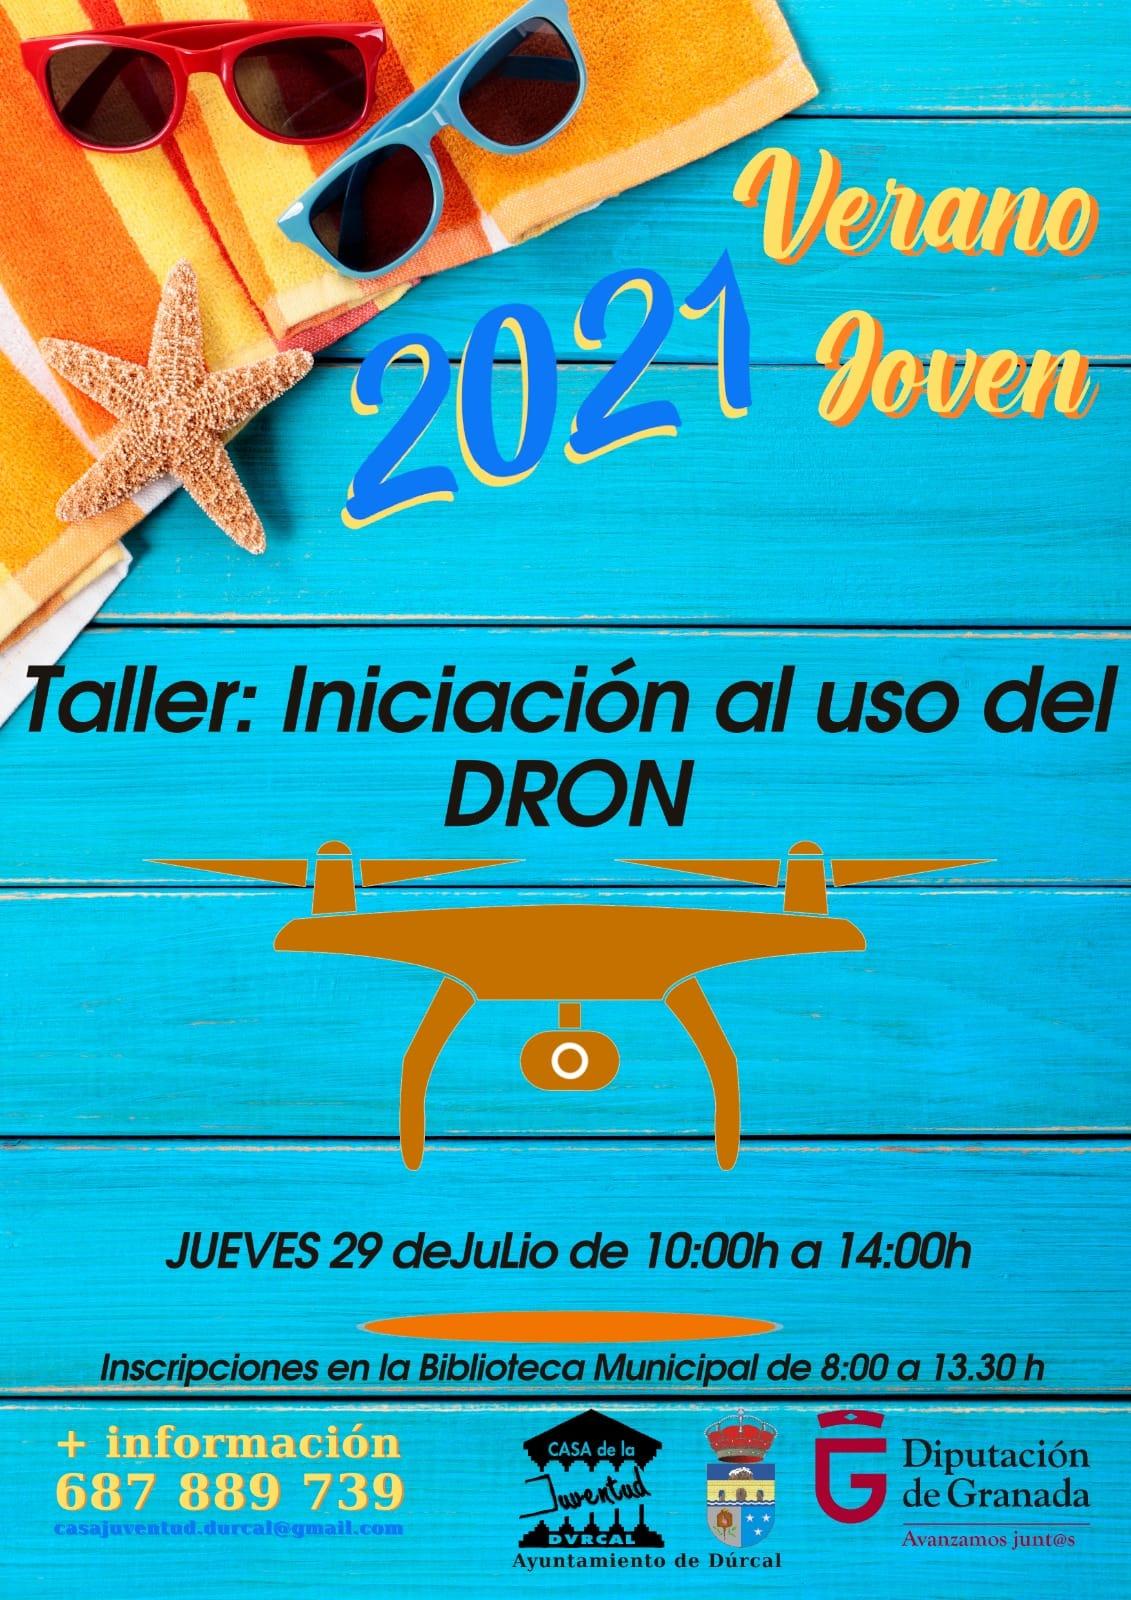 TALLER DE INICIACIÓN AL USO DEL DRON